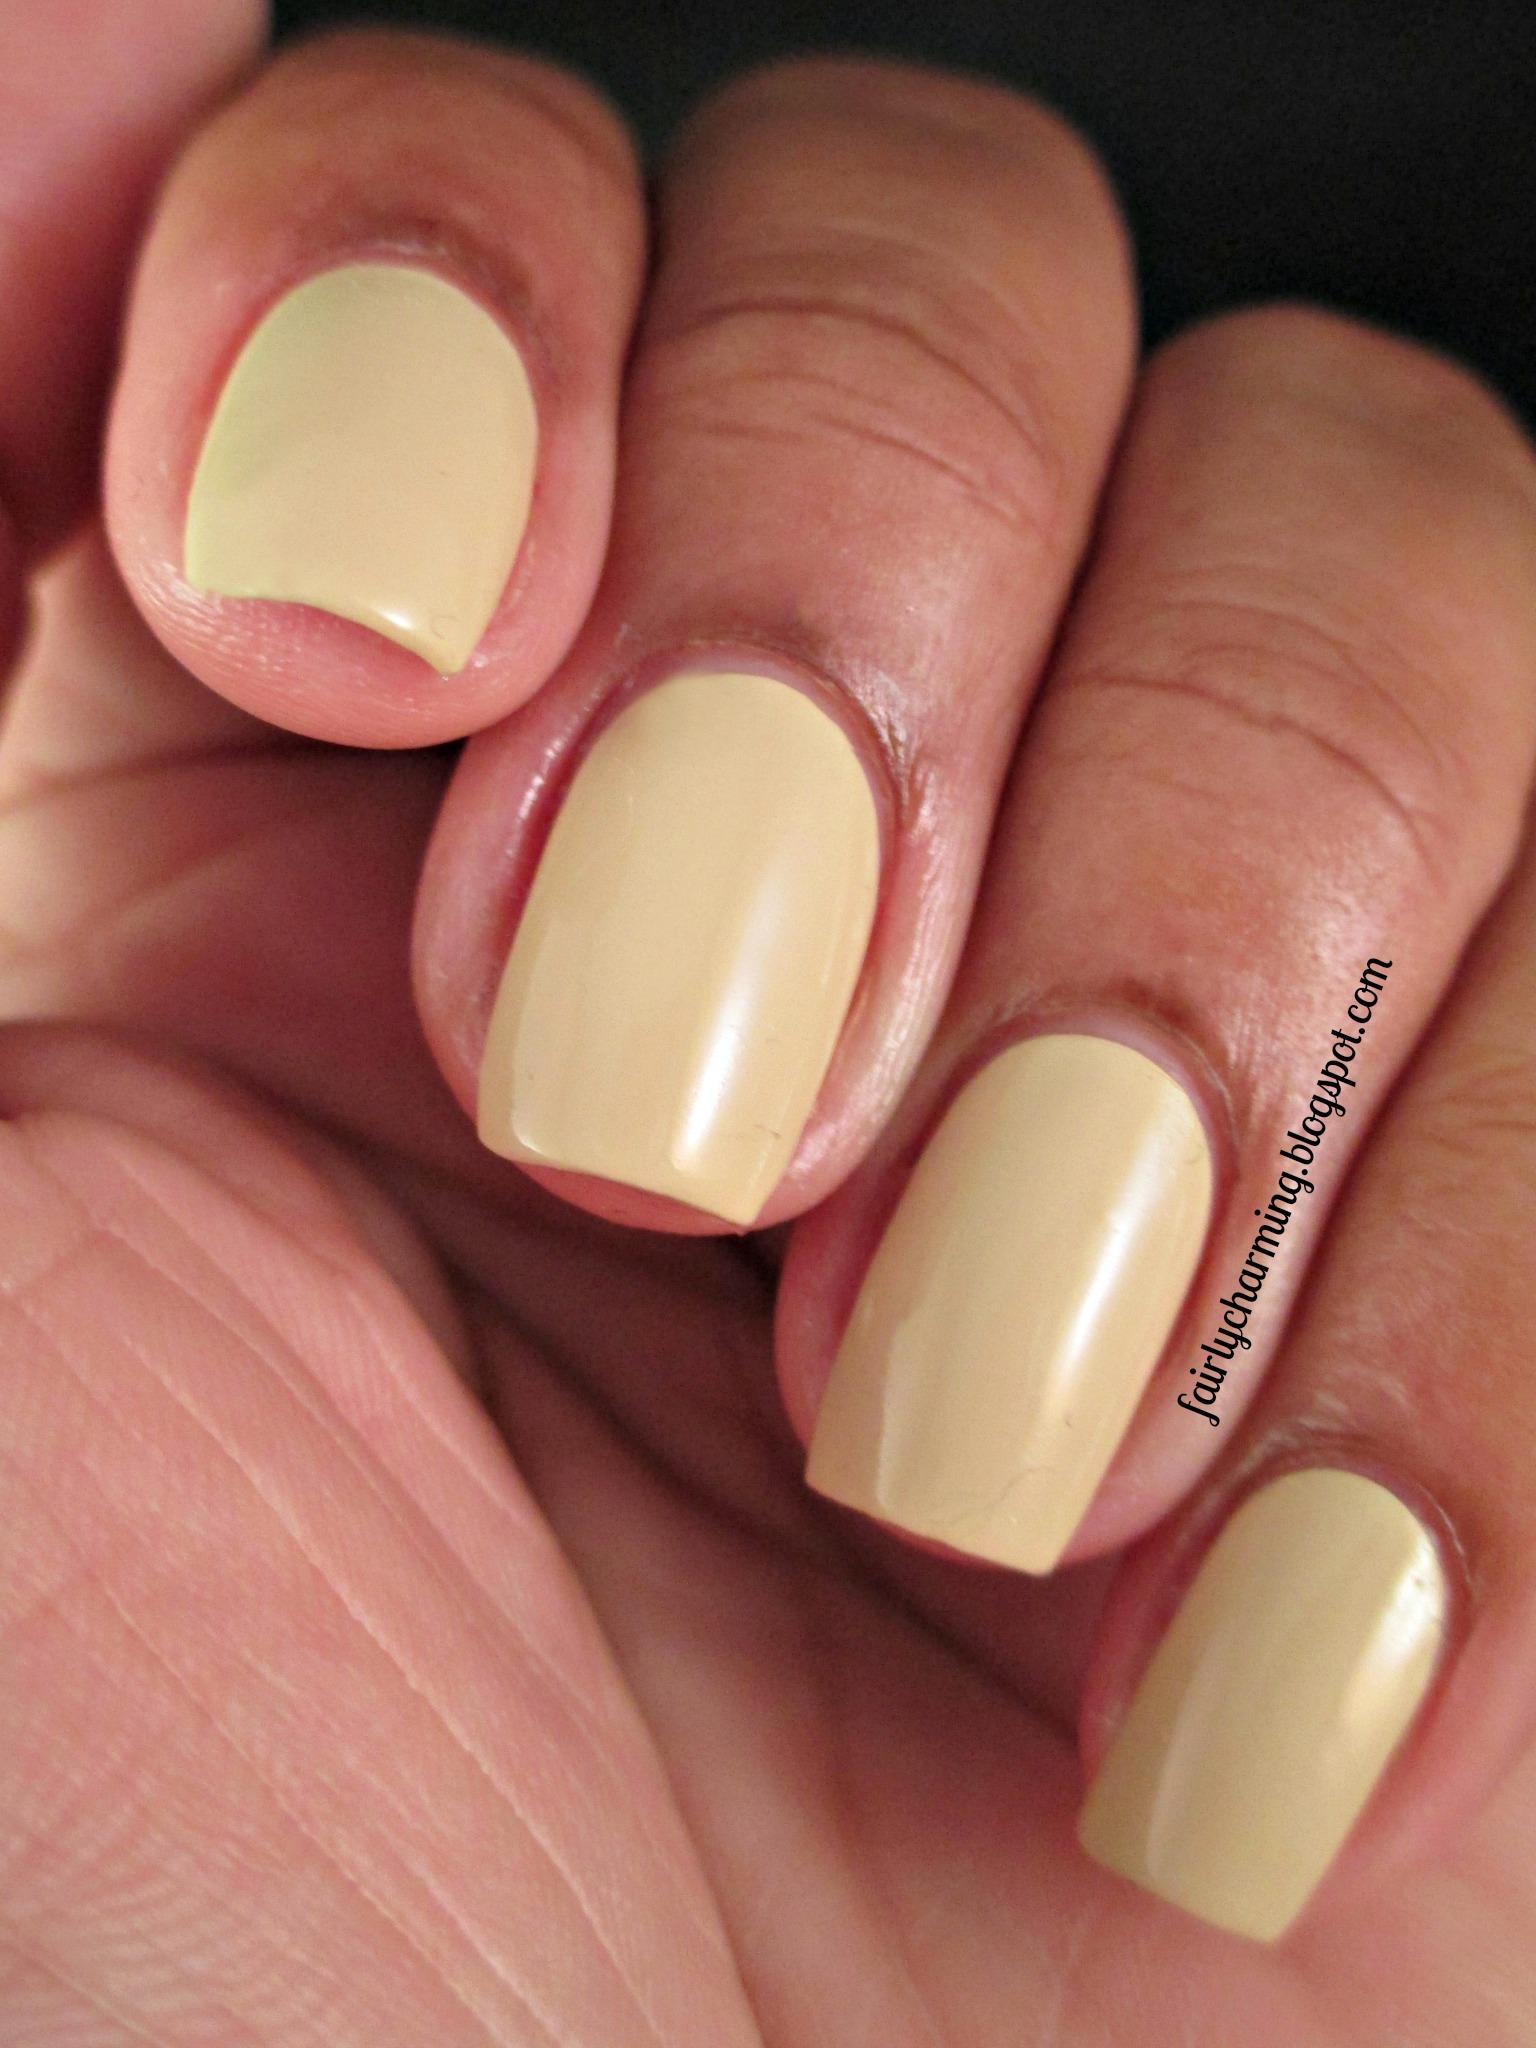 San Pedro Morning - Khaki Yellow Creme Nail Polish · Spellbound ...